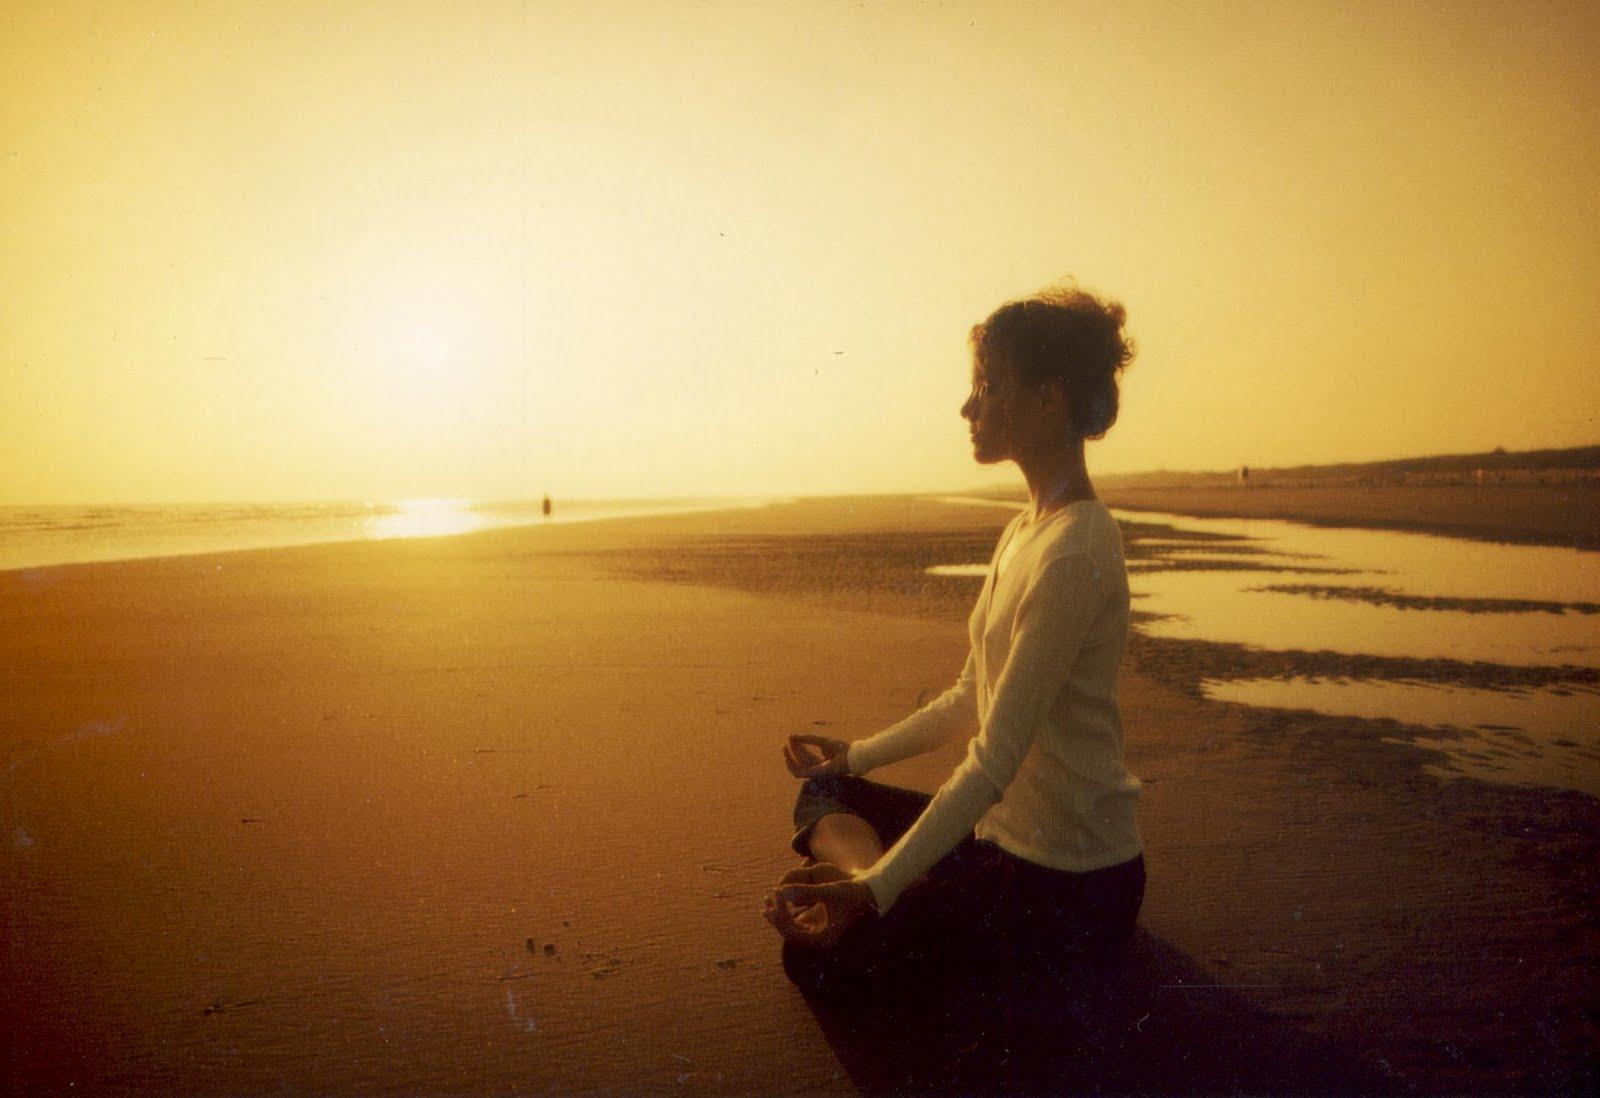 Bienvenidos al nuevo foro de apoyo a Noe #221 / 06.02.15 ~ 08.02.15 - Página 38 Meditar